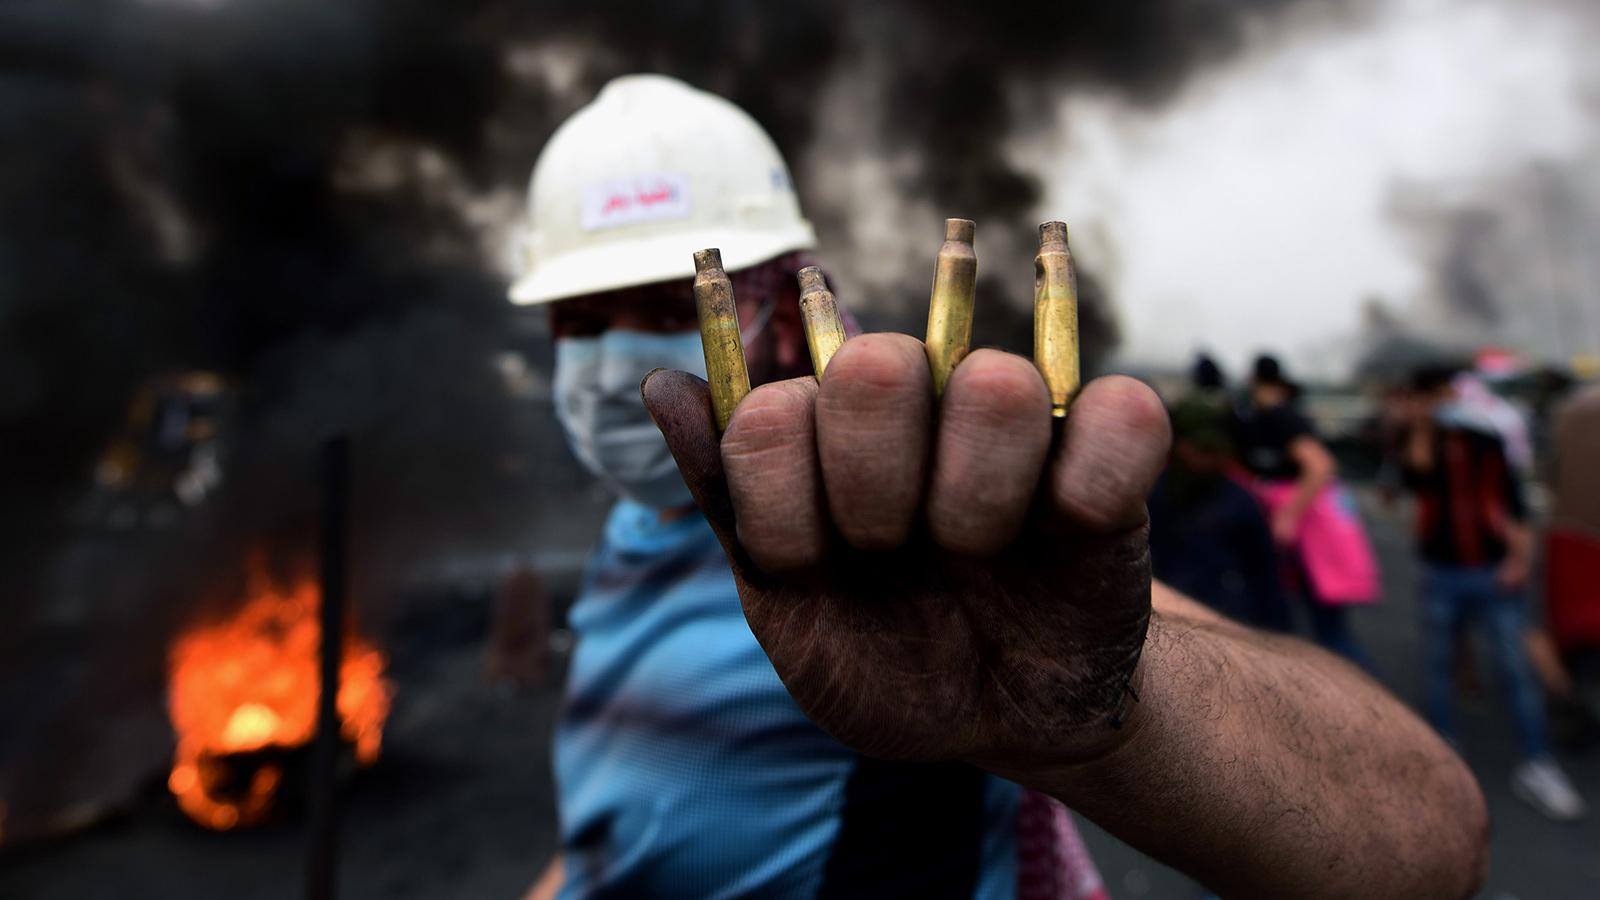 المحتجون يصعّدون بعد انتهاء مهلتهم